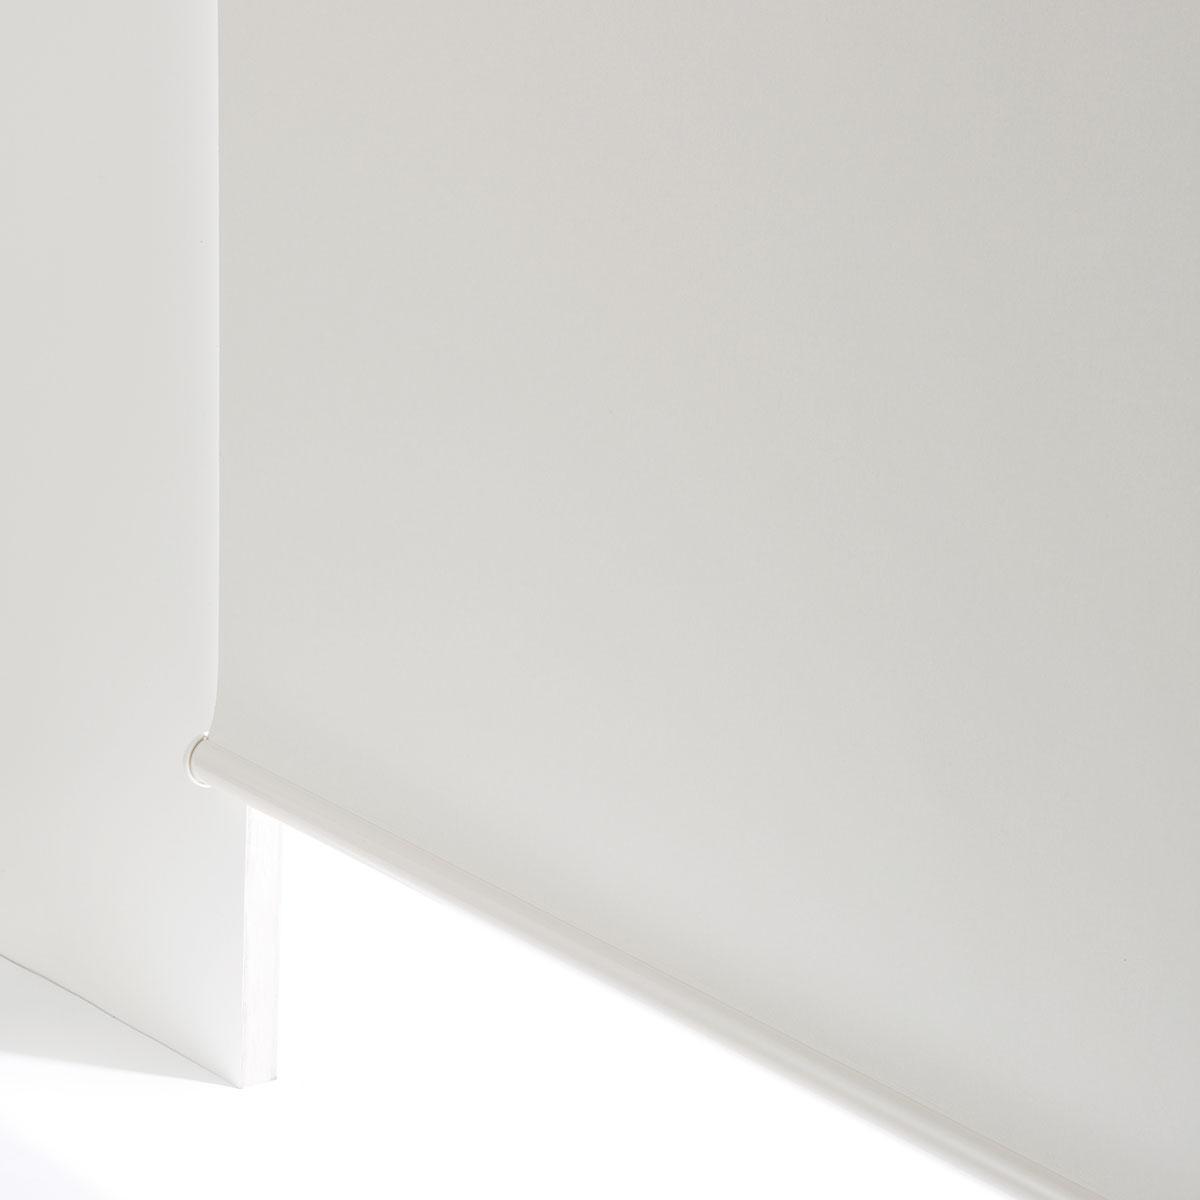 遮光ロールスクリーン チェーン式(ドルフィンWH180X220)